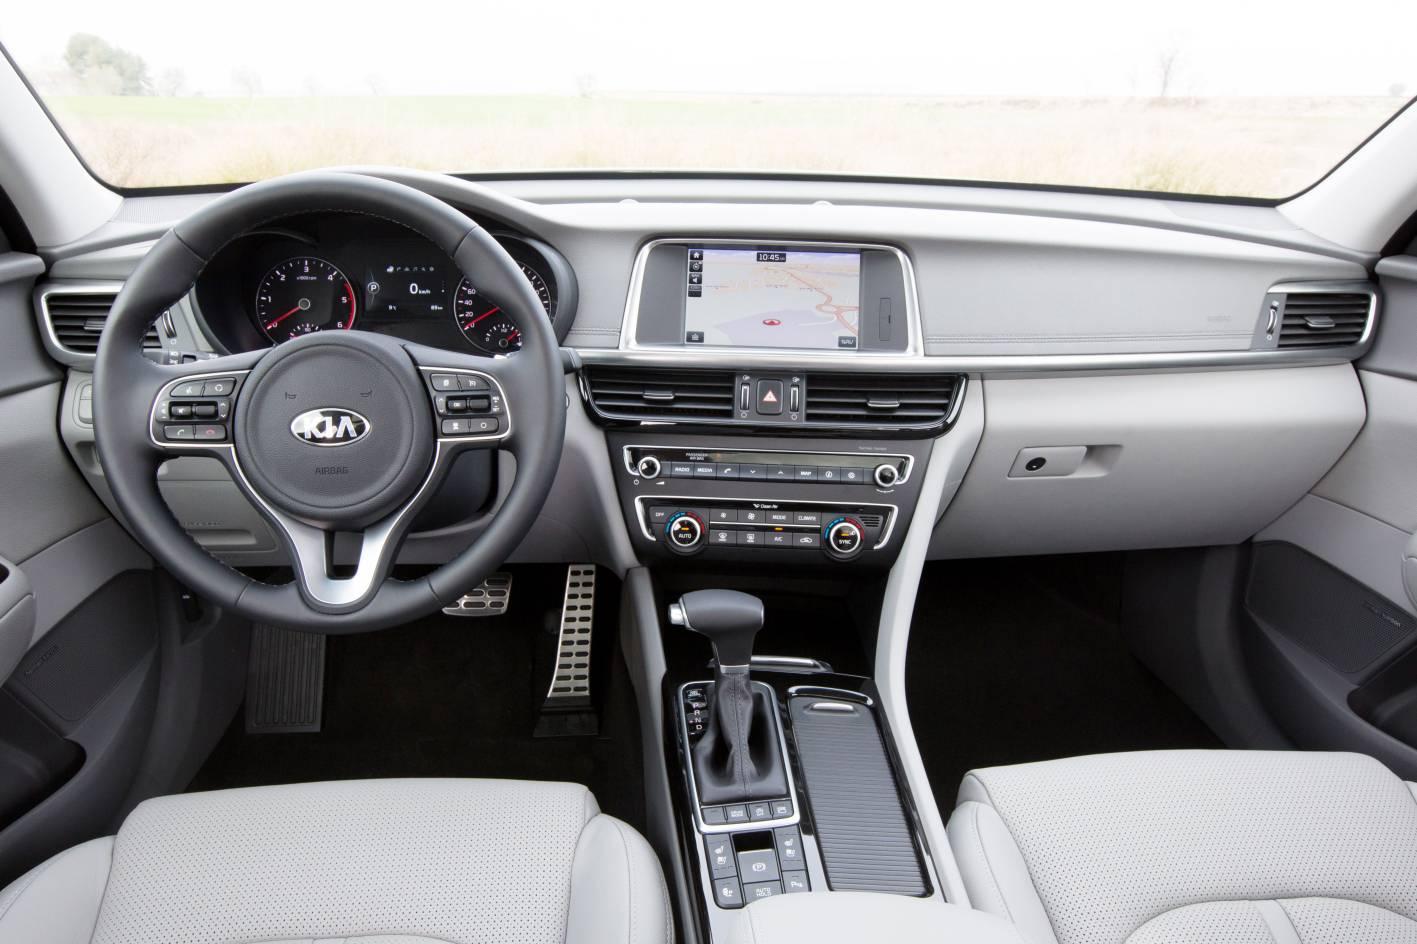 Kia Cars - News: 2017 Kia Optima Sportswagon unveiled